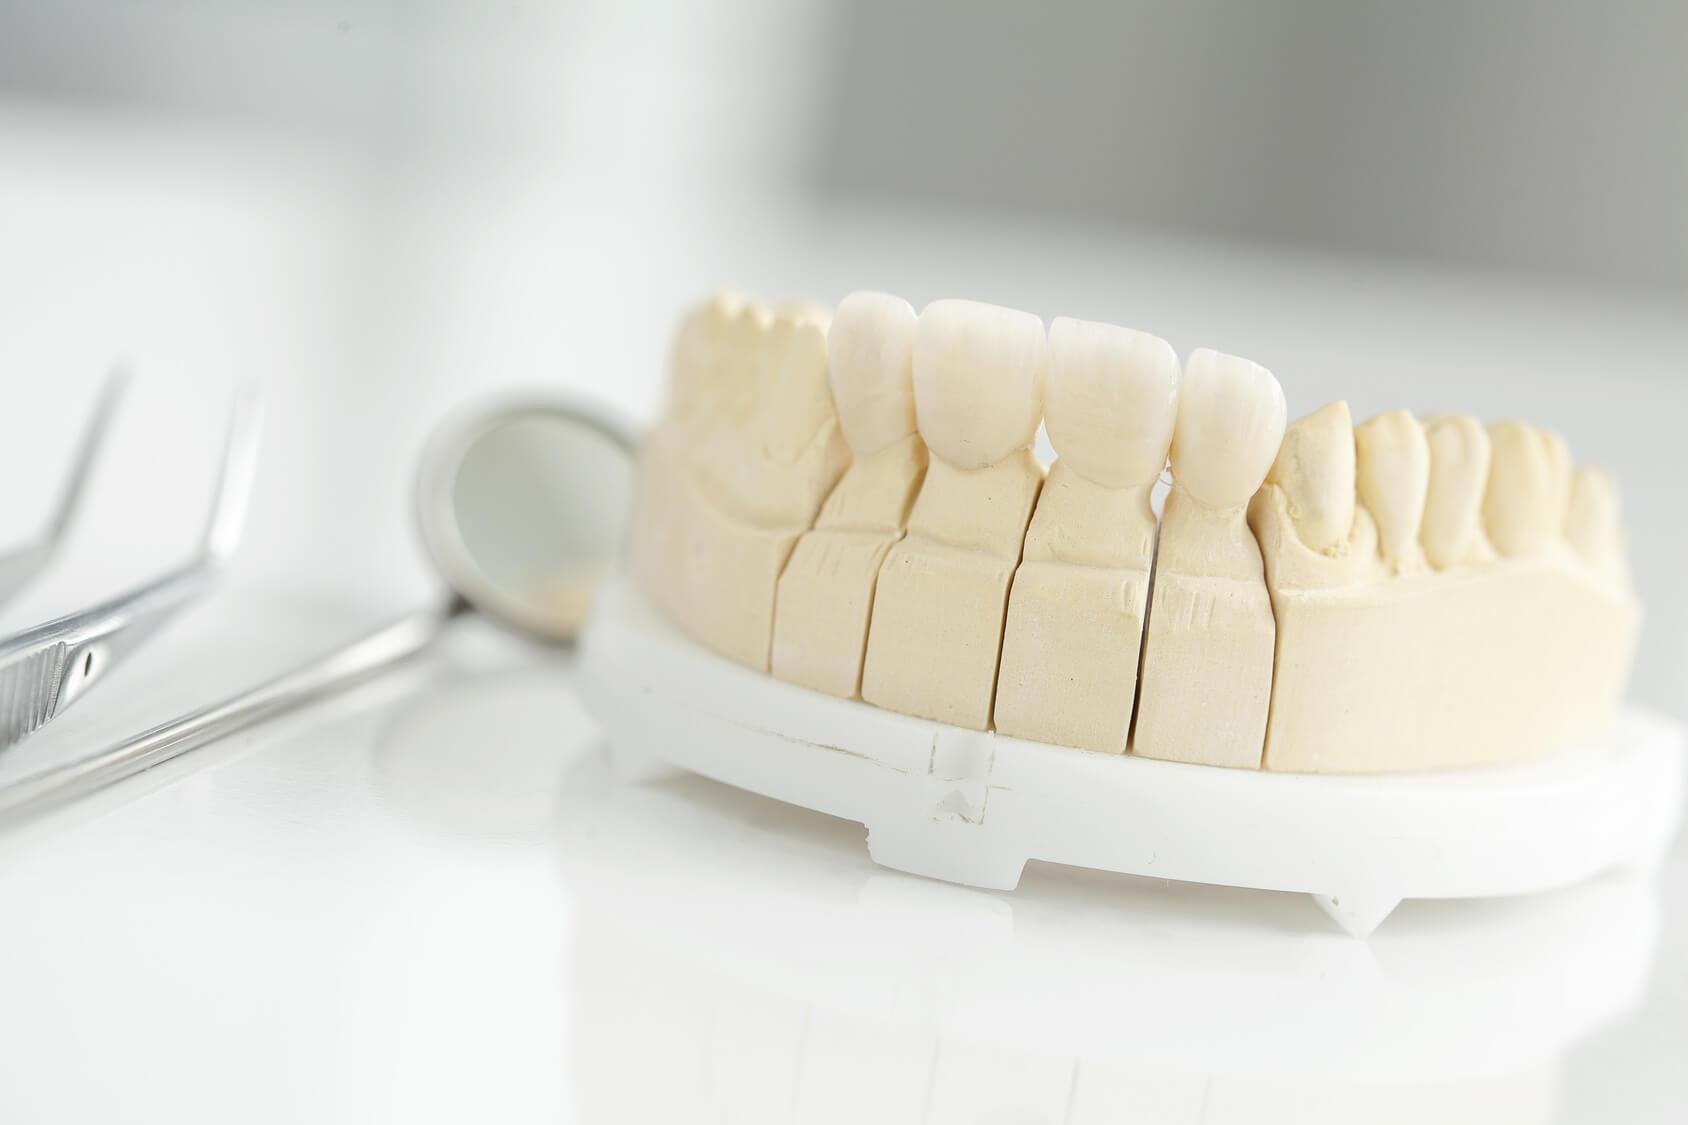 Auf dem Bild ist ein Unterkiefer aus Gips und verschiedene Werkzeuge eines Zahnarztes, um Zahnersatz herzustellen